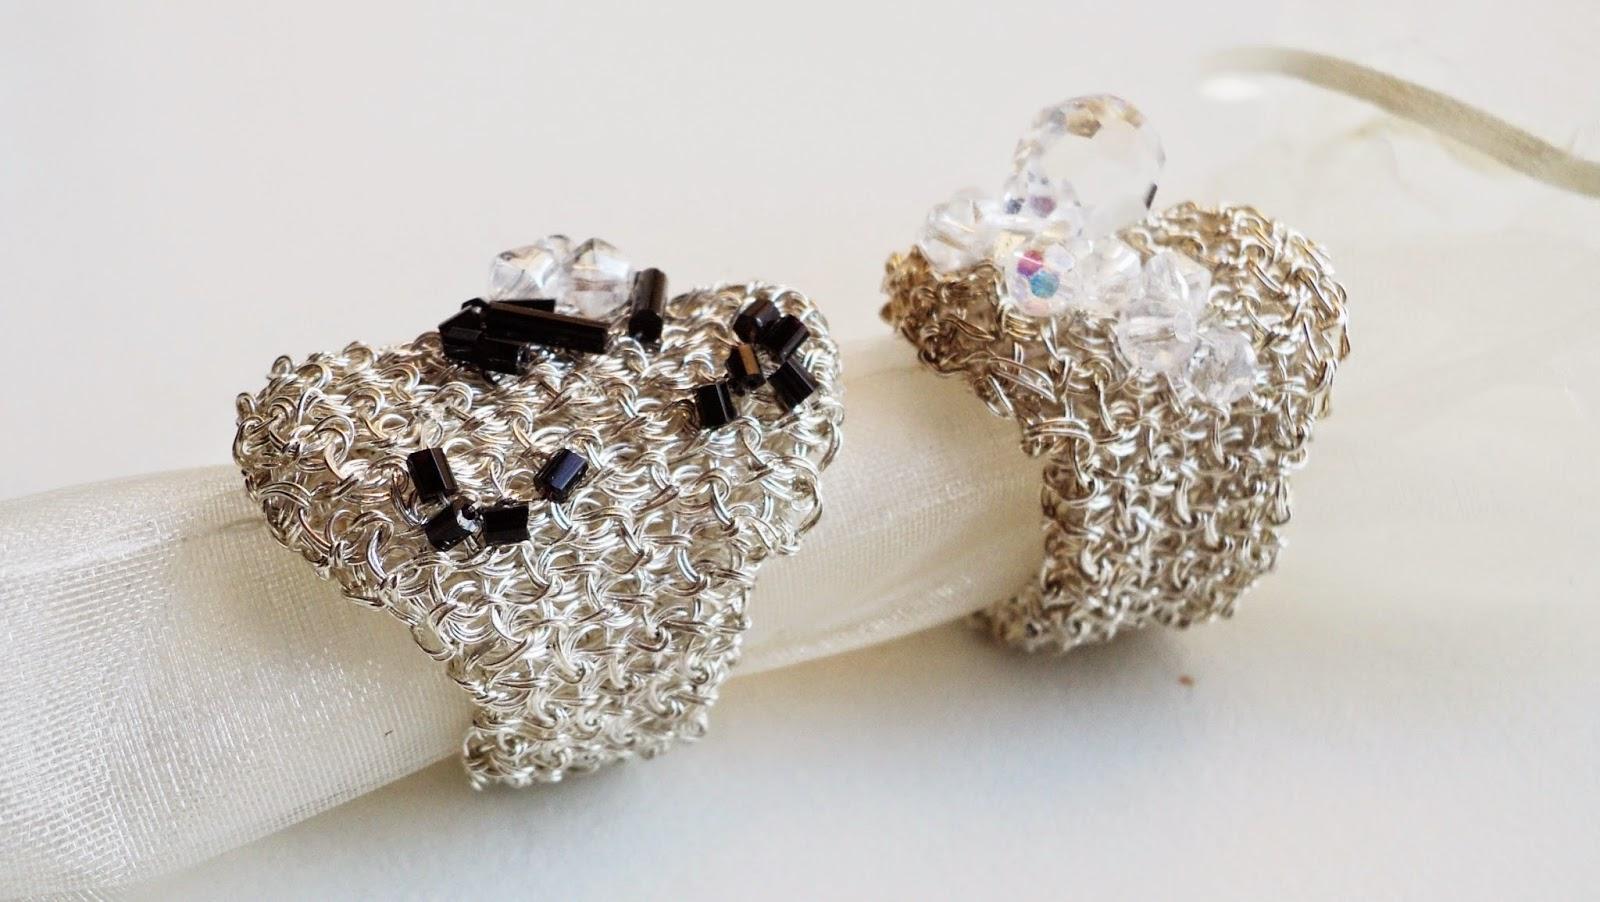 imagenes anillos de plata - Anillos Boda Imágenes De Archivo, Vectores 123RF